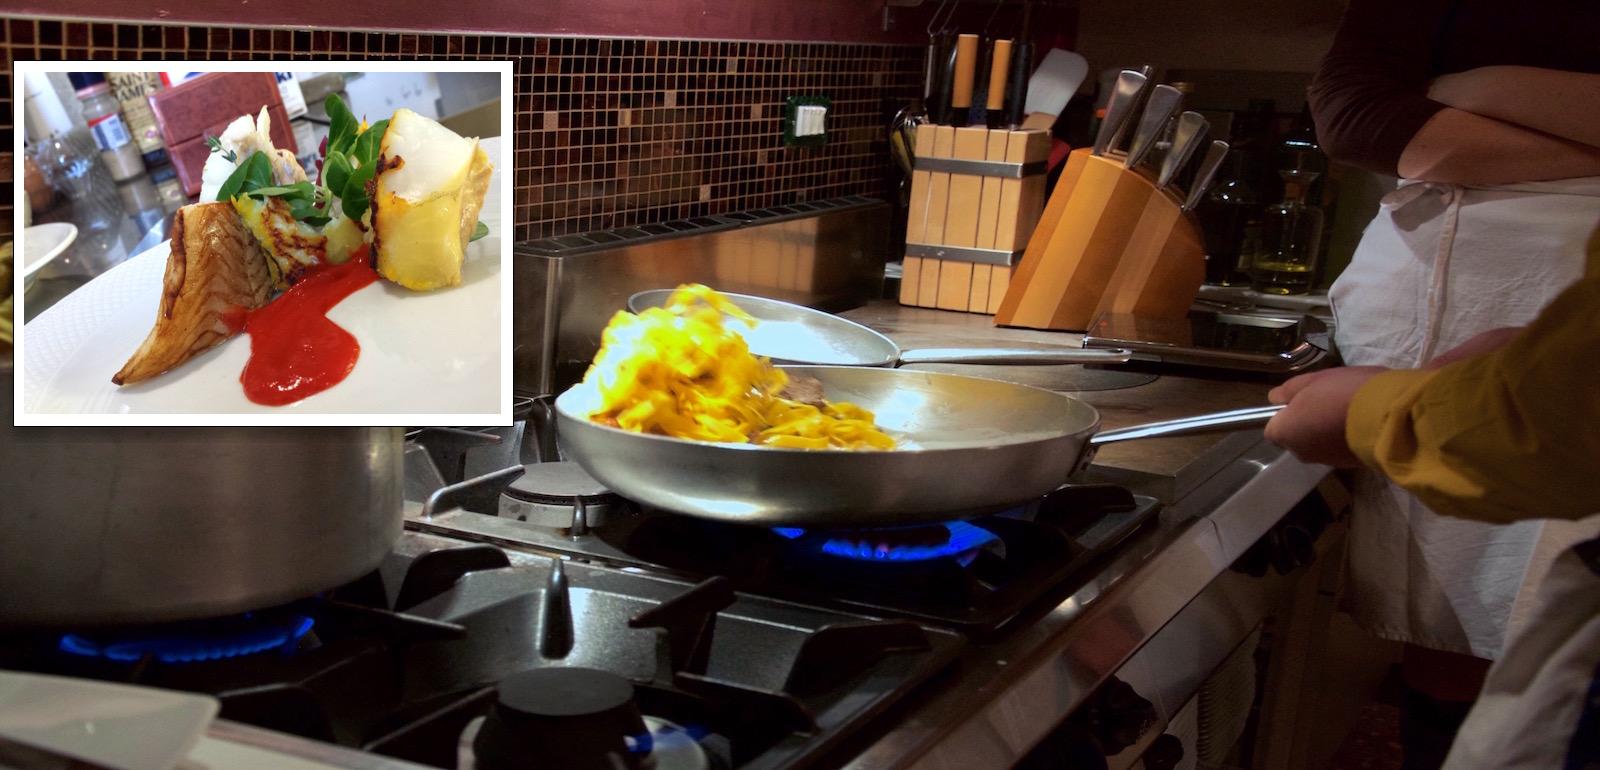 Col corso di cucina amatoriale personalizzato realizzi il tuo sogno e cucini come un cuoco.